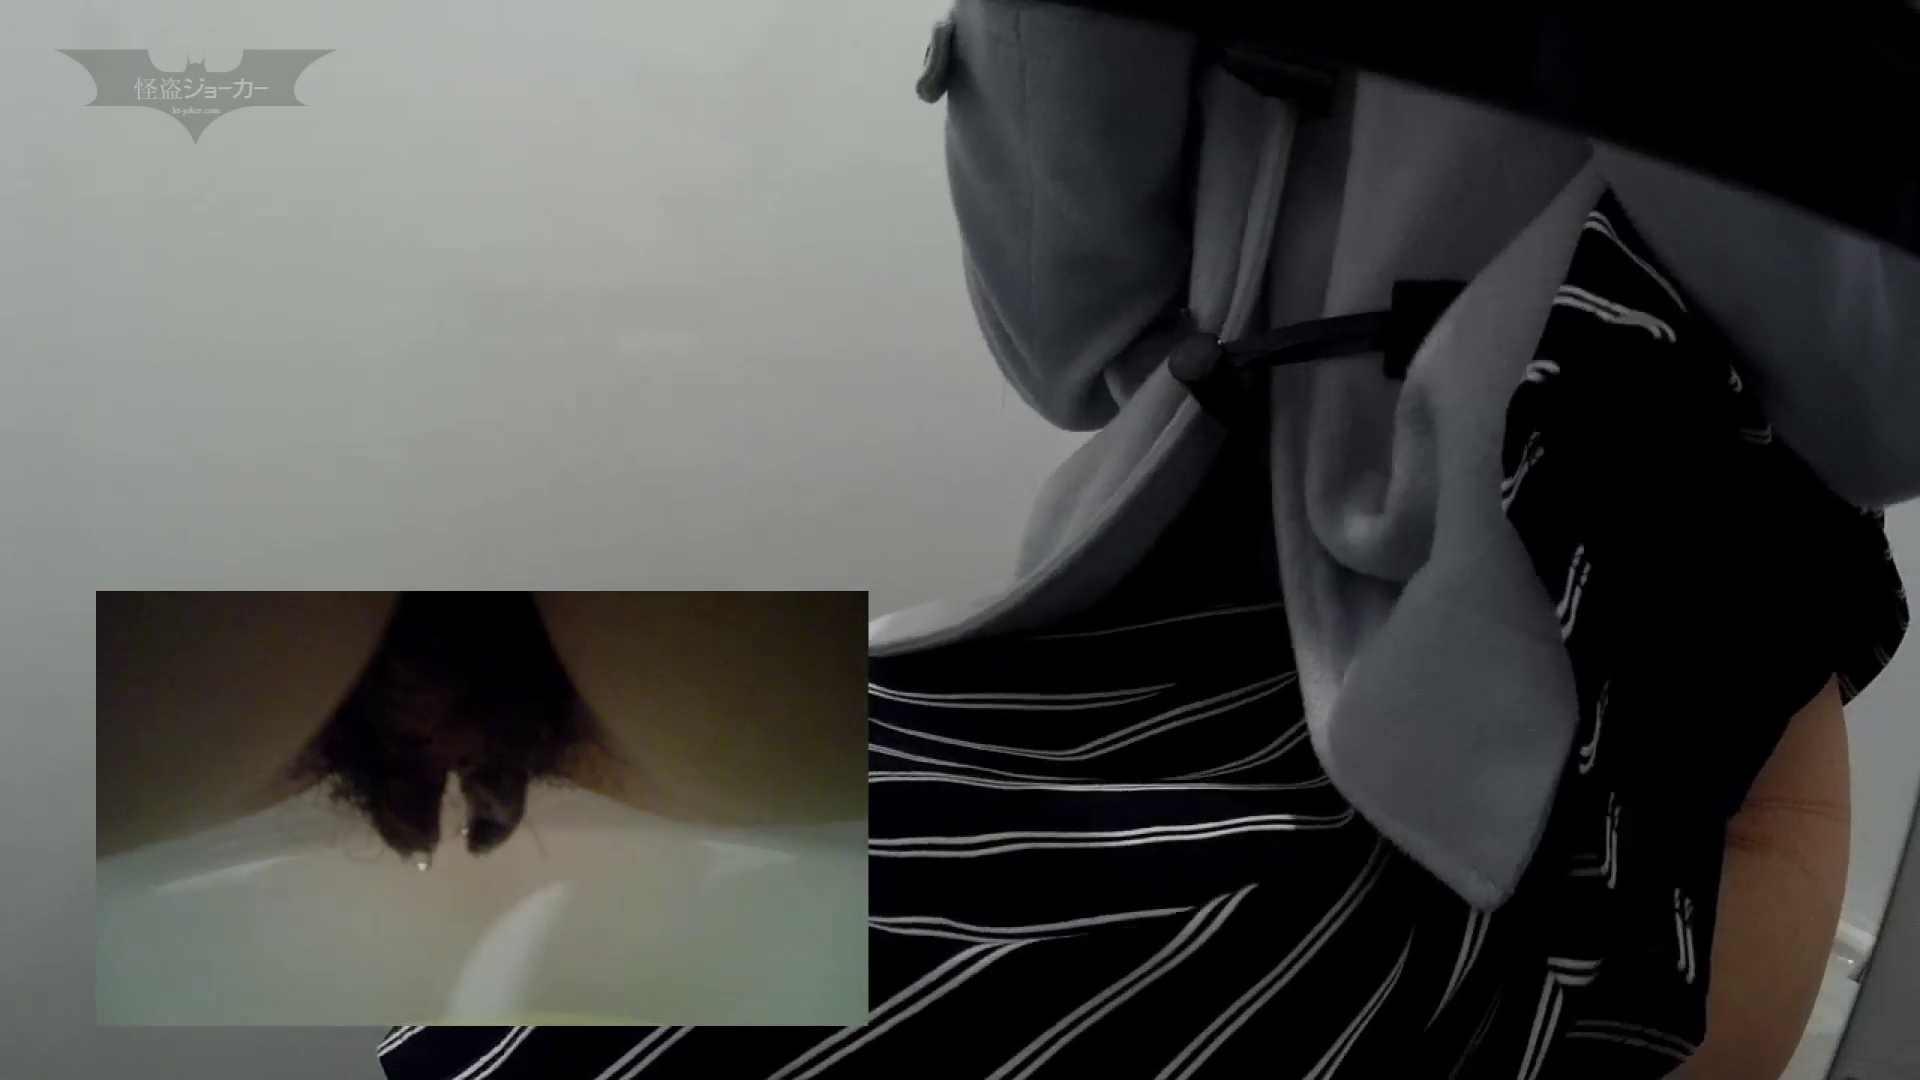 有名大学女性洗面所 vol.57 S級美女マルチアングル撮り!! OLの実態  103pic 80